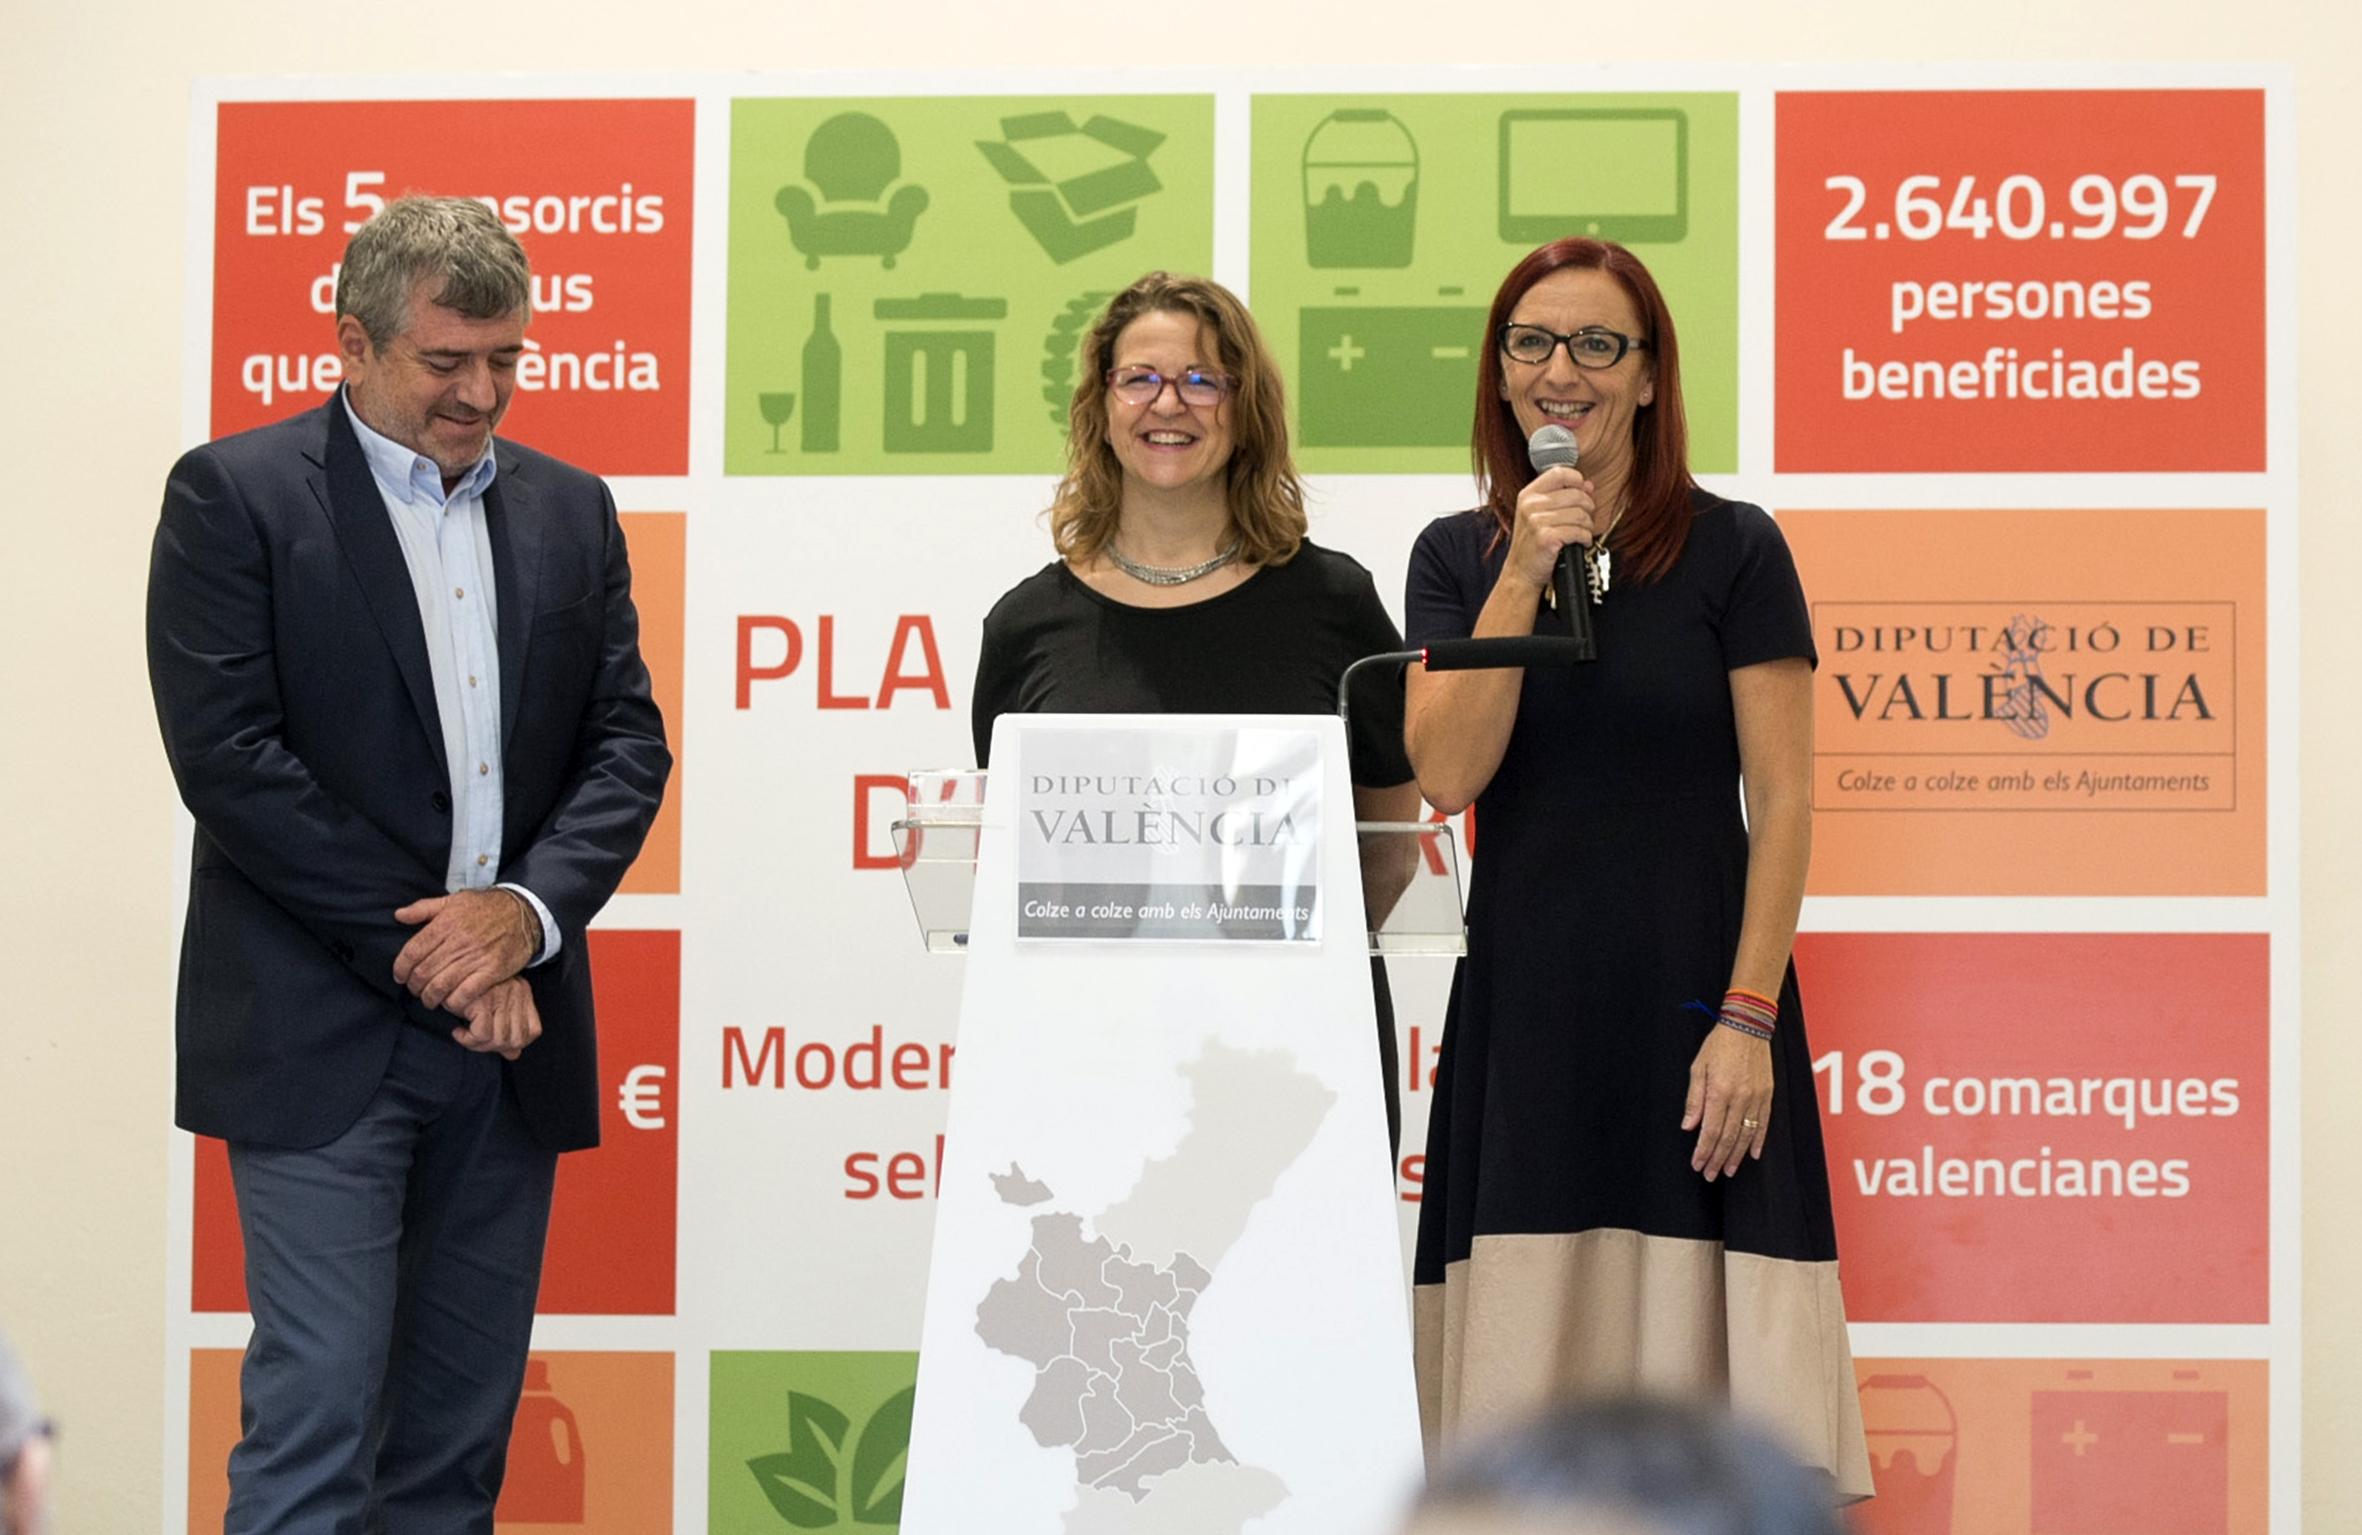 Maria Josep Amigó: «Las principales actuaciones irán relacionadas con la informatización de las redes de ecoparques para favorecer la implantación de equipos que incentiven económicamente a la ciudadanía en la recogida selectiva de residuos».